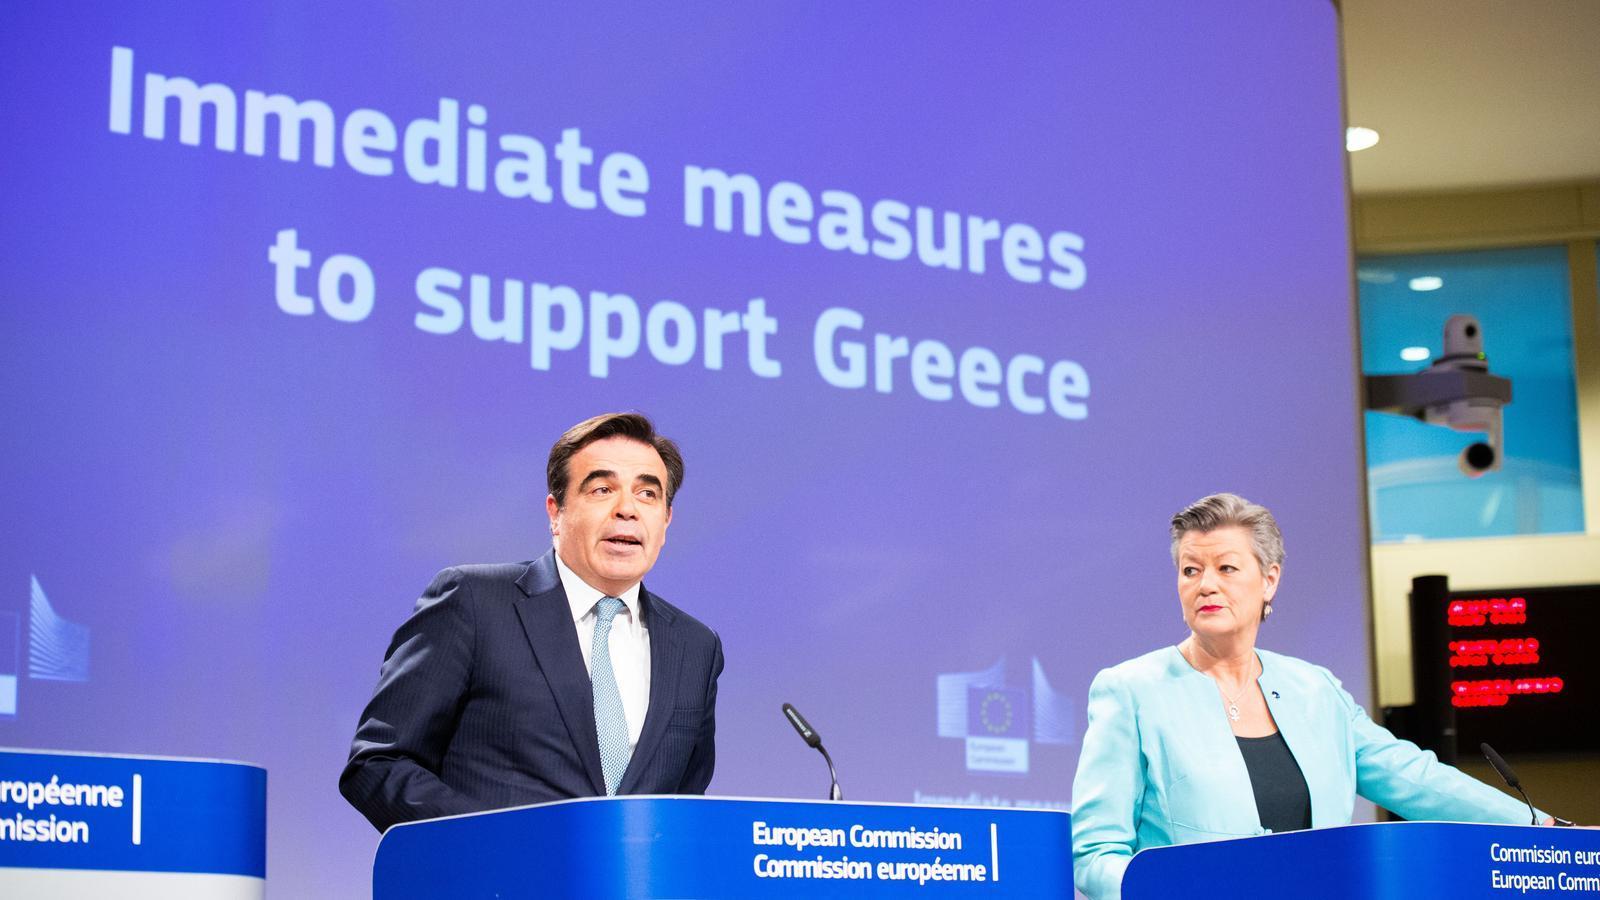 Brussel·les justifica l'ús de bales de goma contra migrants i la suspensió del dret d'asil a Grècia